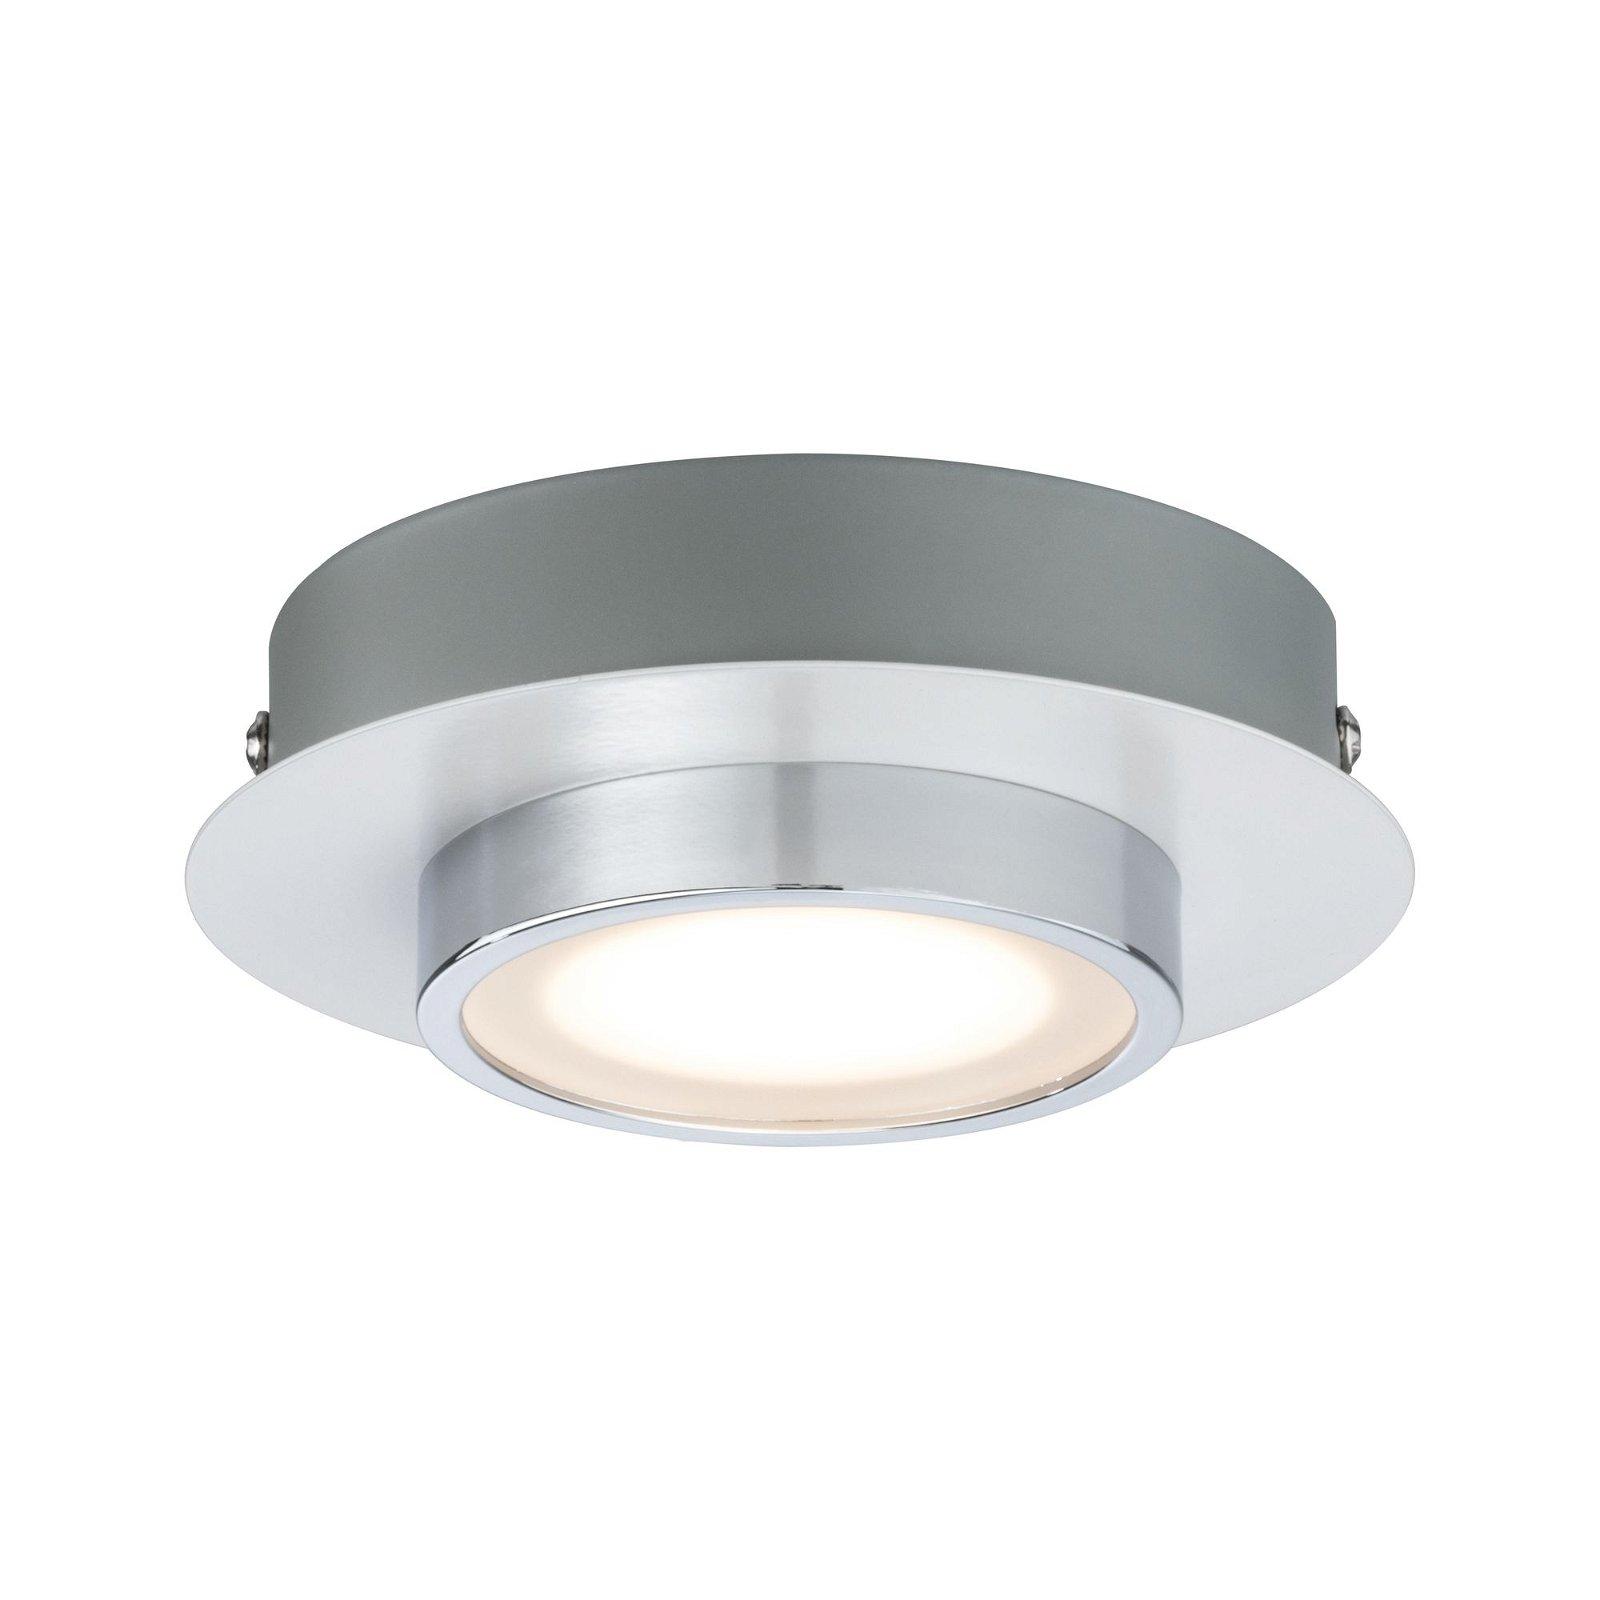 LED Deckenleuchte Liao 3000K 430lm 230V 4,7W Weiß matt/Chrom